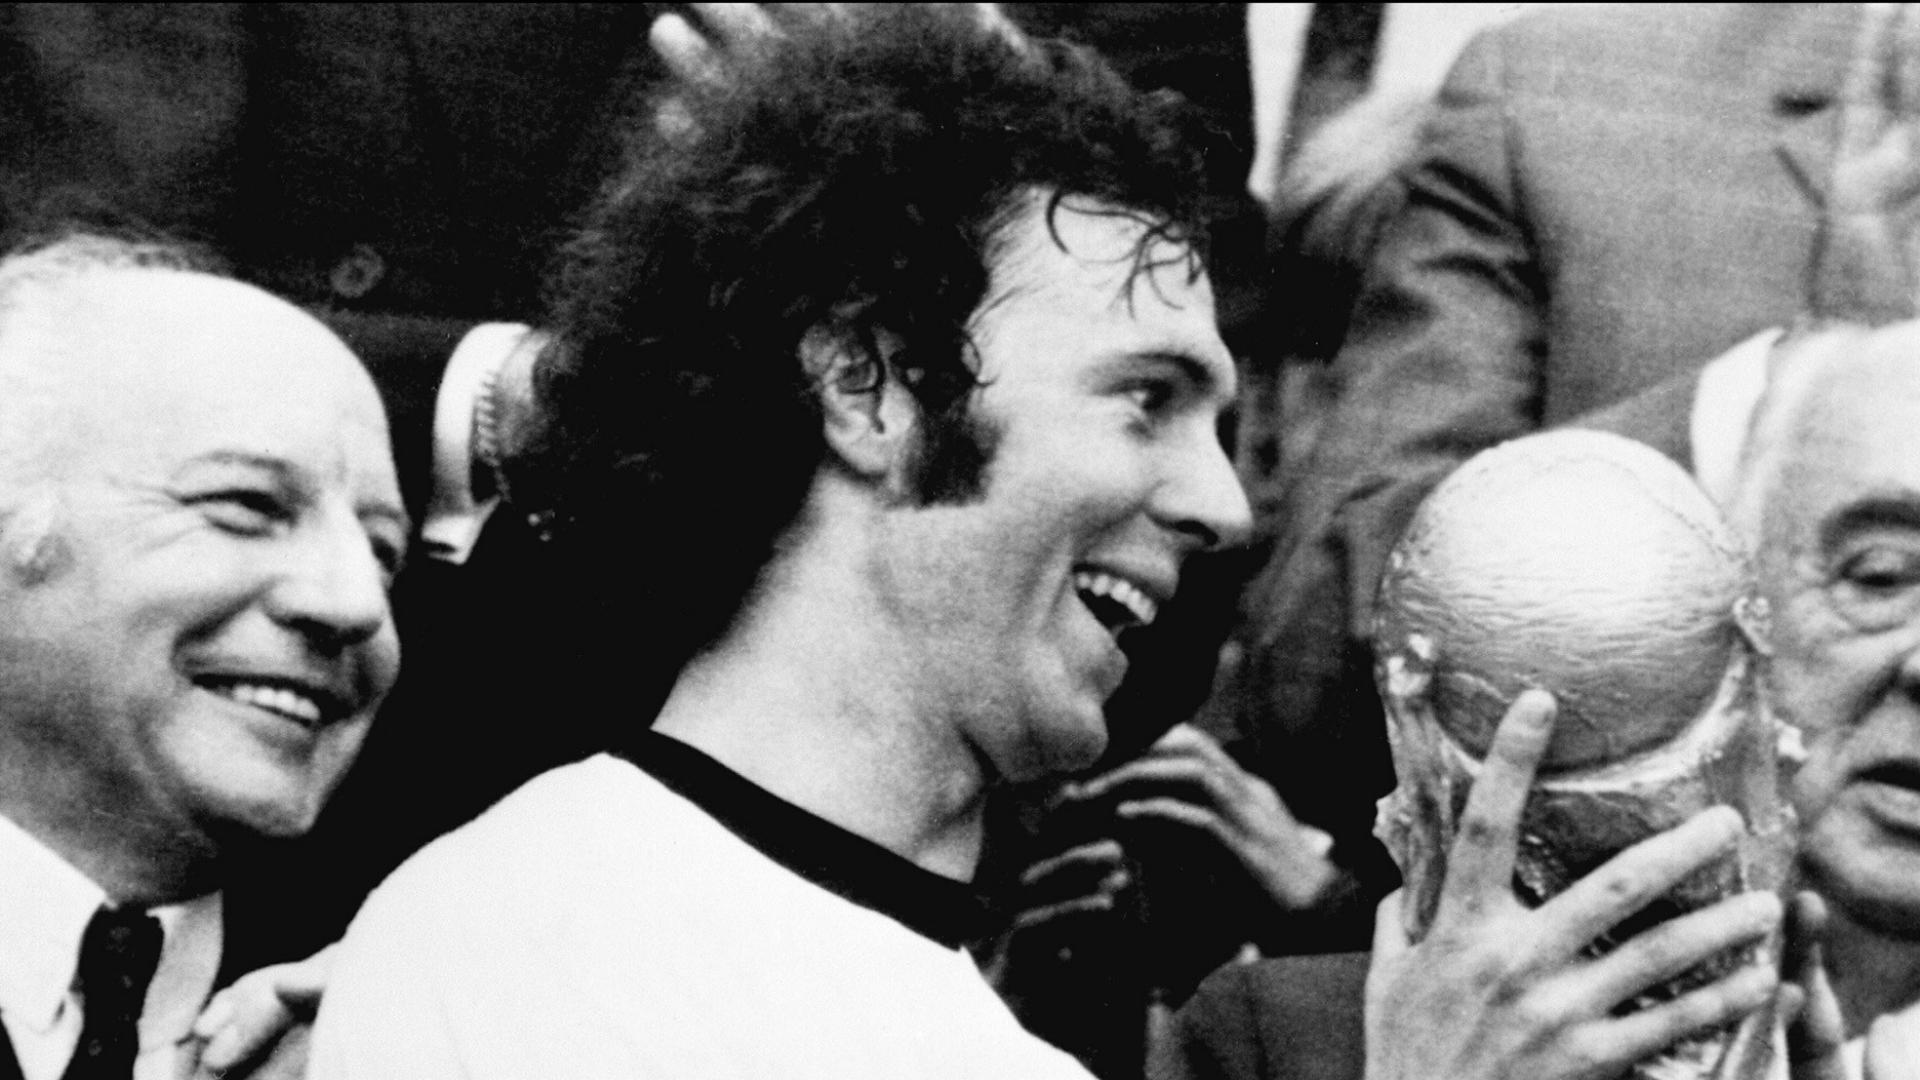 Franz Beckenbauer West Germany